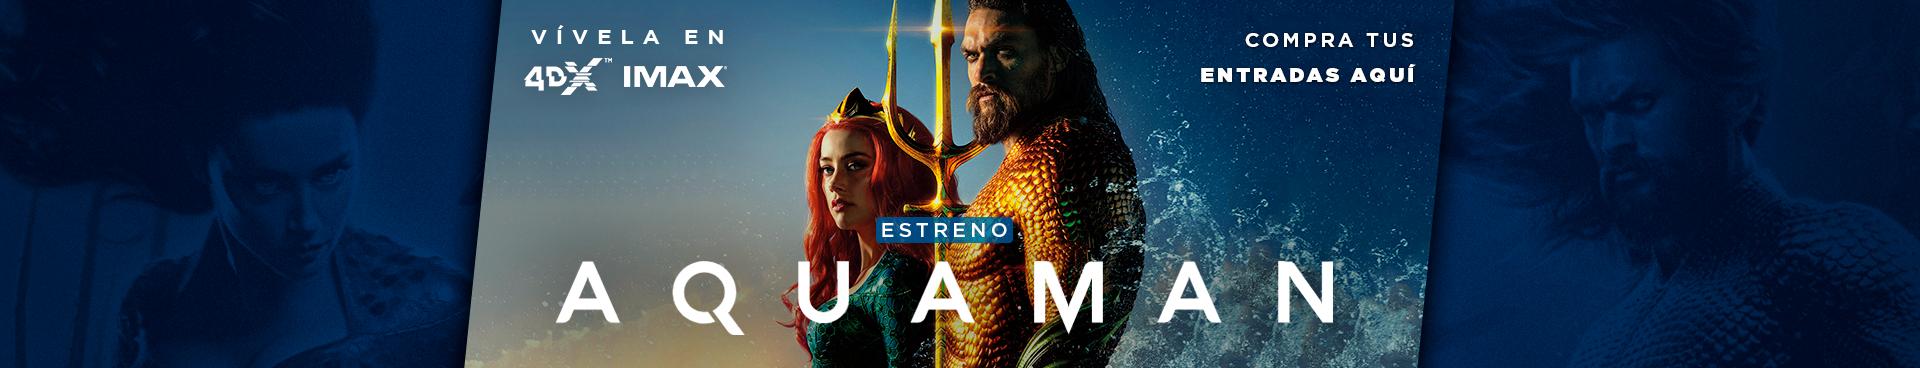 ESTRENO AQUAMAN, VÍVELA EN IMAX Y 4DX,  COMPRA TUS ENTRADAS AQUÍ